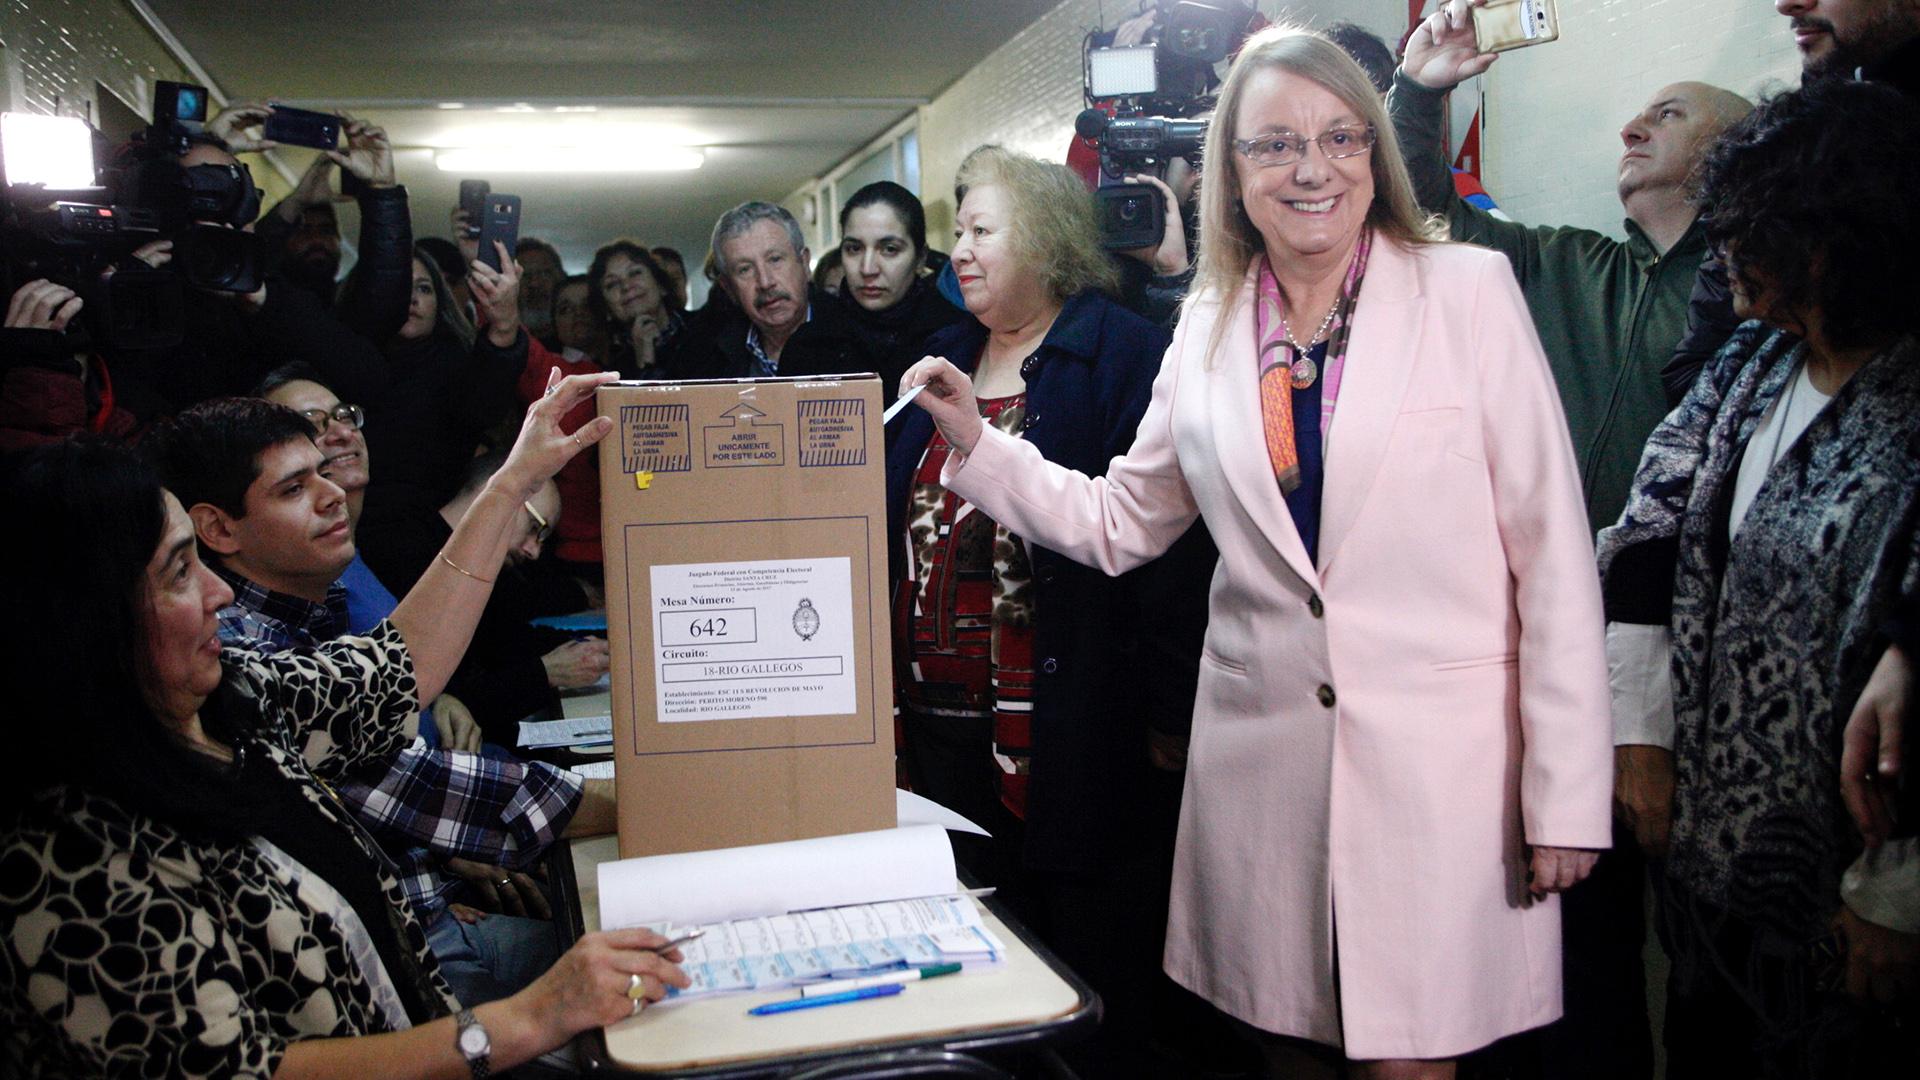 Alicia Kirchner ganó en 2015 gracias a la ley de lemas. Mañana la Corte se expedirá sobre la validez de la ley provincial que establece el sistema de votación.